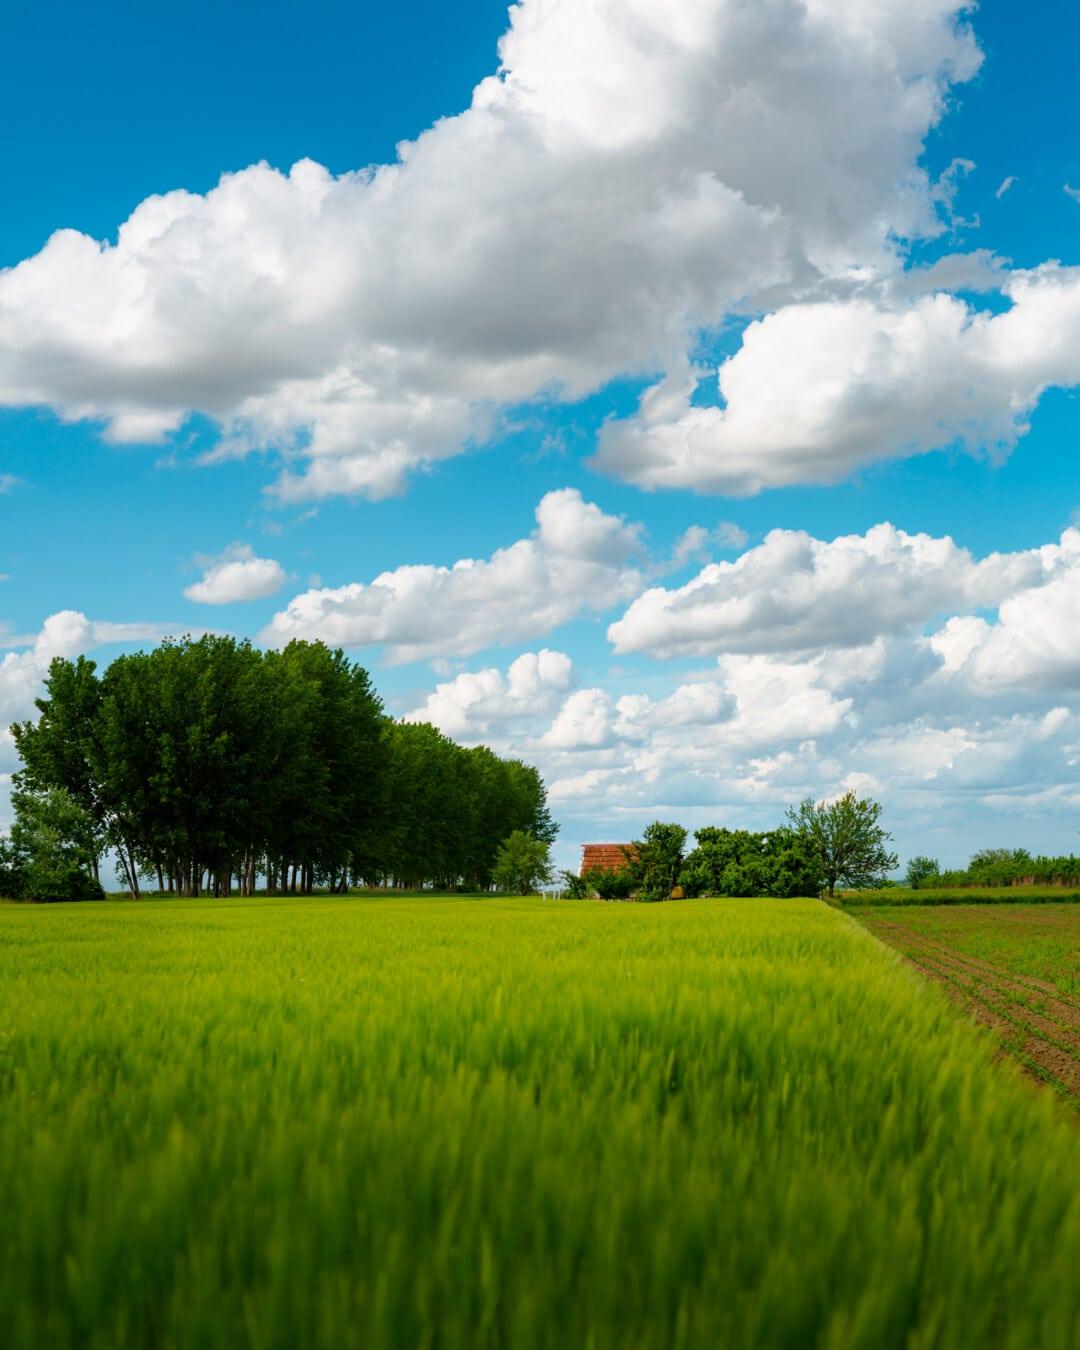 jordbruksområder, Wheatfield, våningshus, gården, våren, landskapet, feltet, vår, atmosfære, skyen